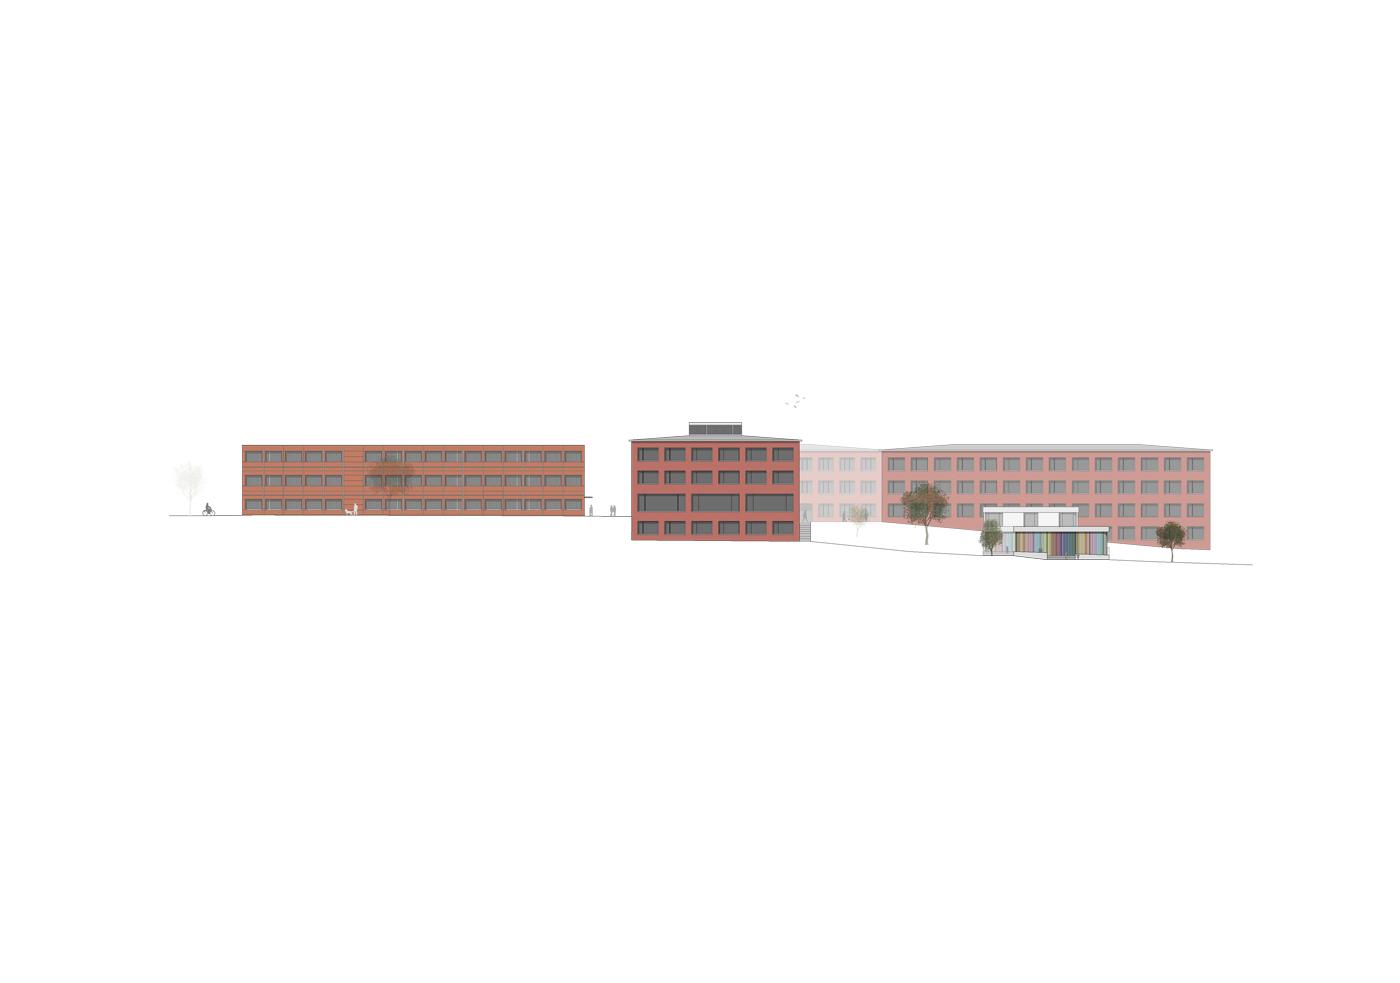 buan architekten – Schulanlage Erlen Emmenbrücke – Gesamtansicht